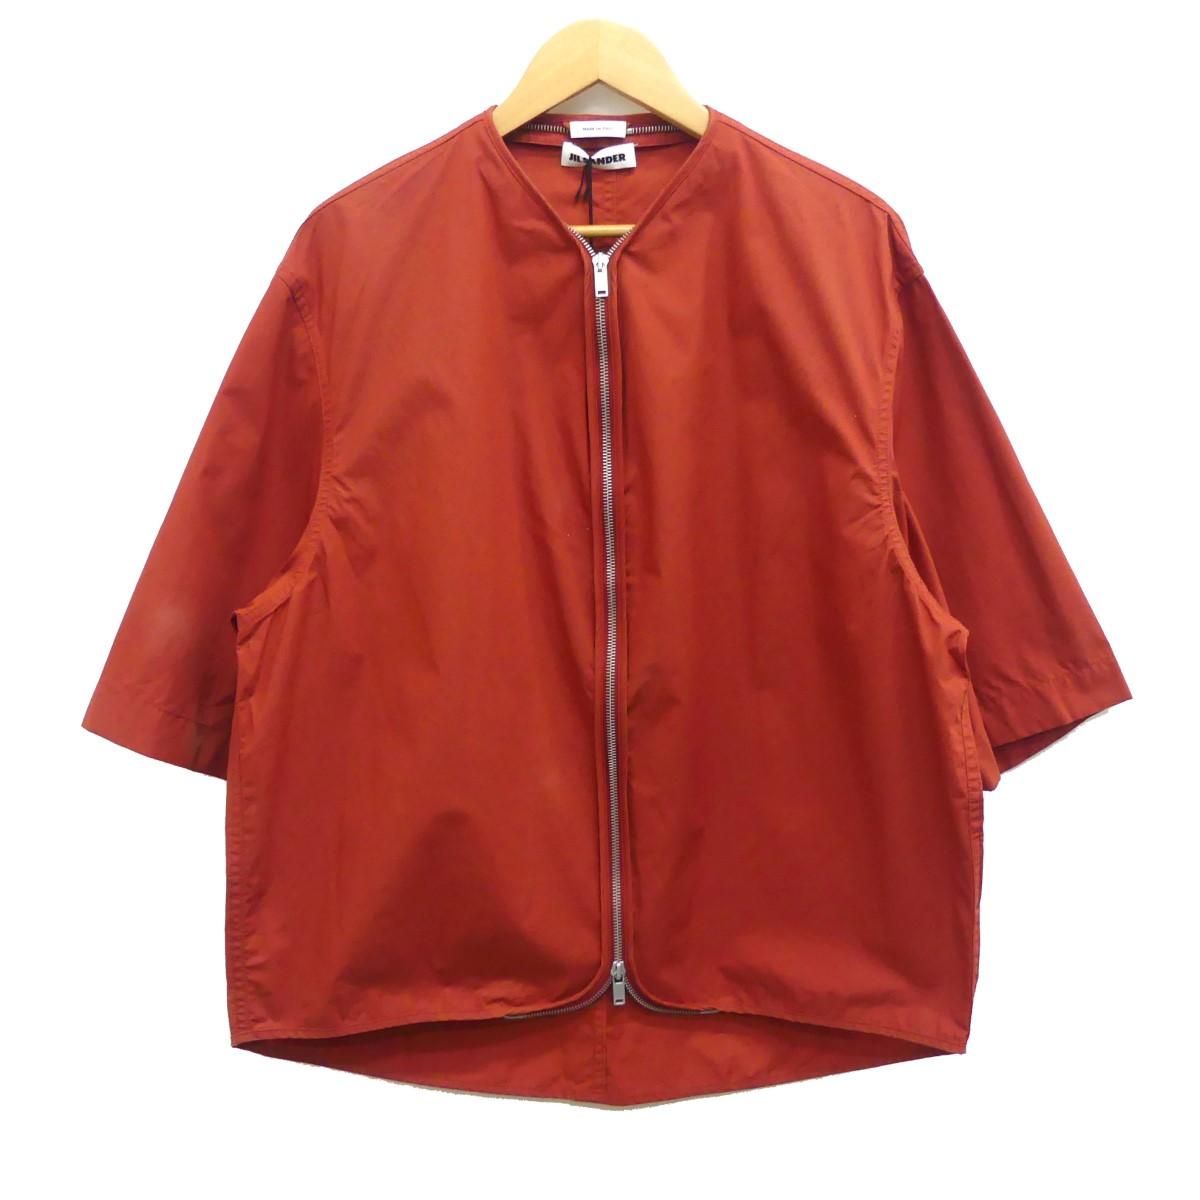 【中古】JIL SANDER Stresa Zipped Blouson ジップアップブルゾン オレンジ サイズ:46 【070520】(ジルサンダー)